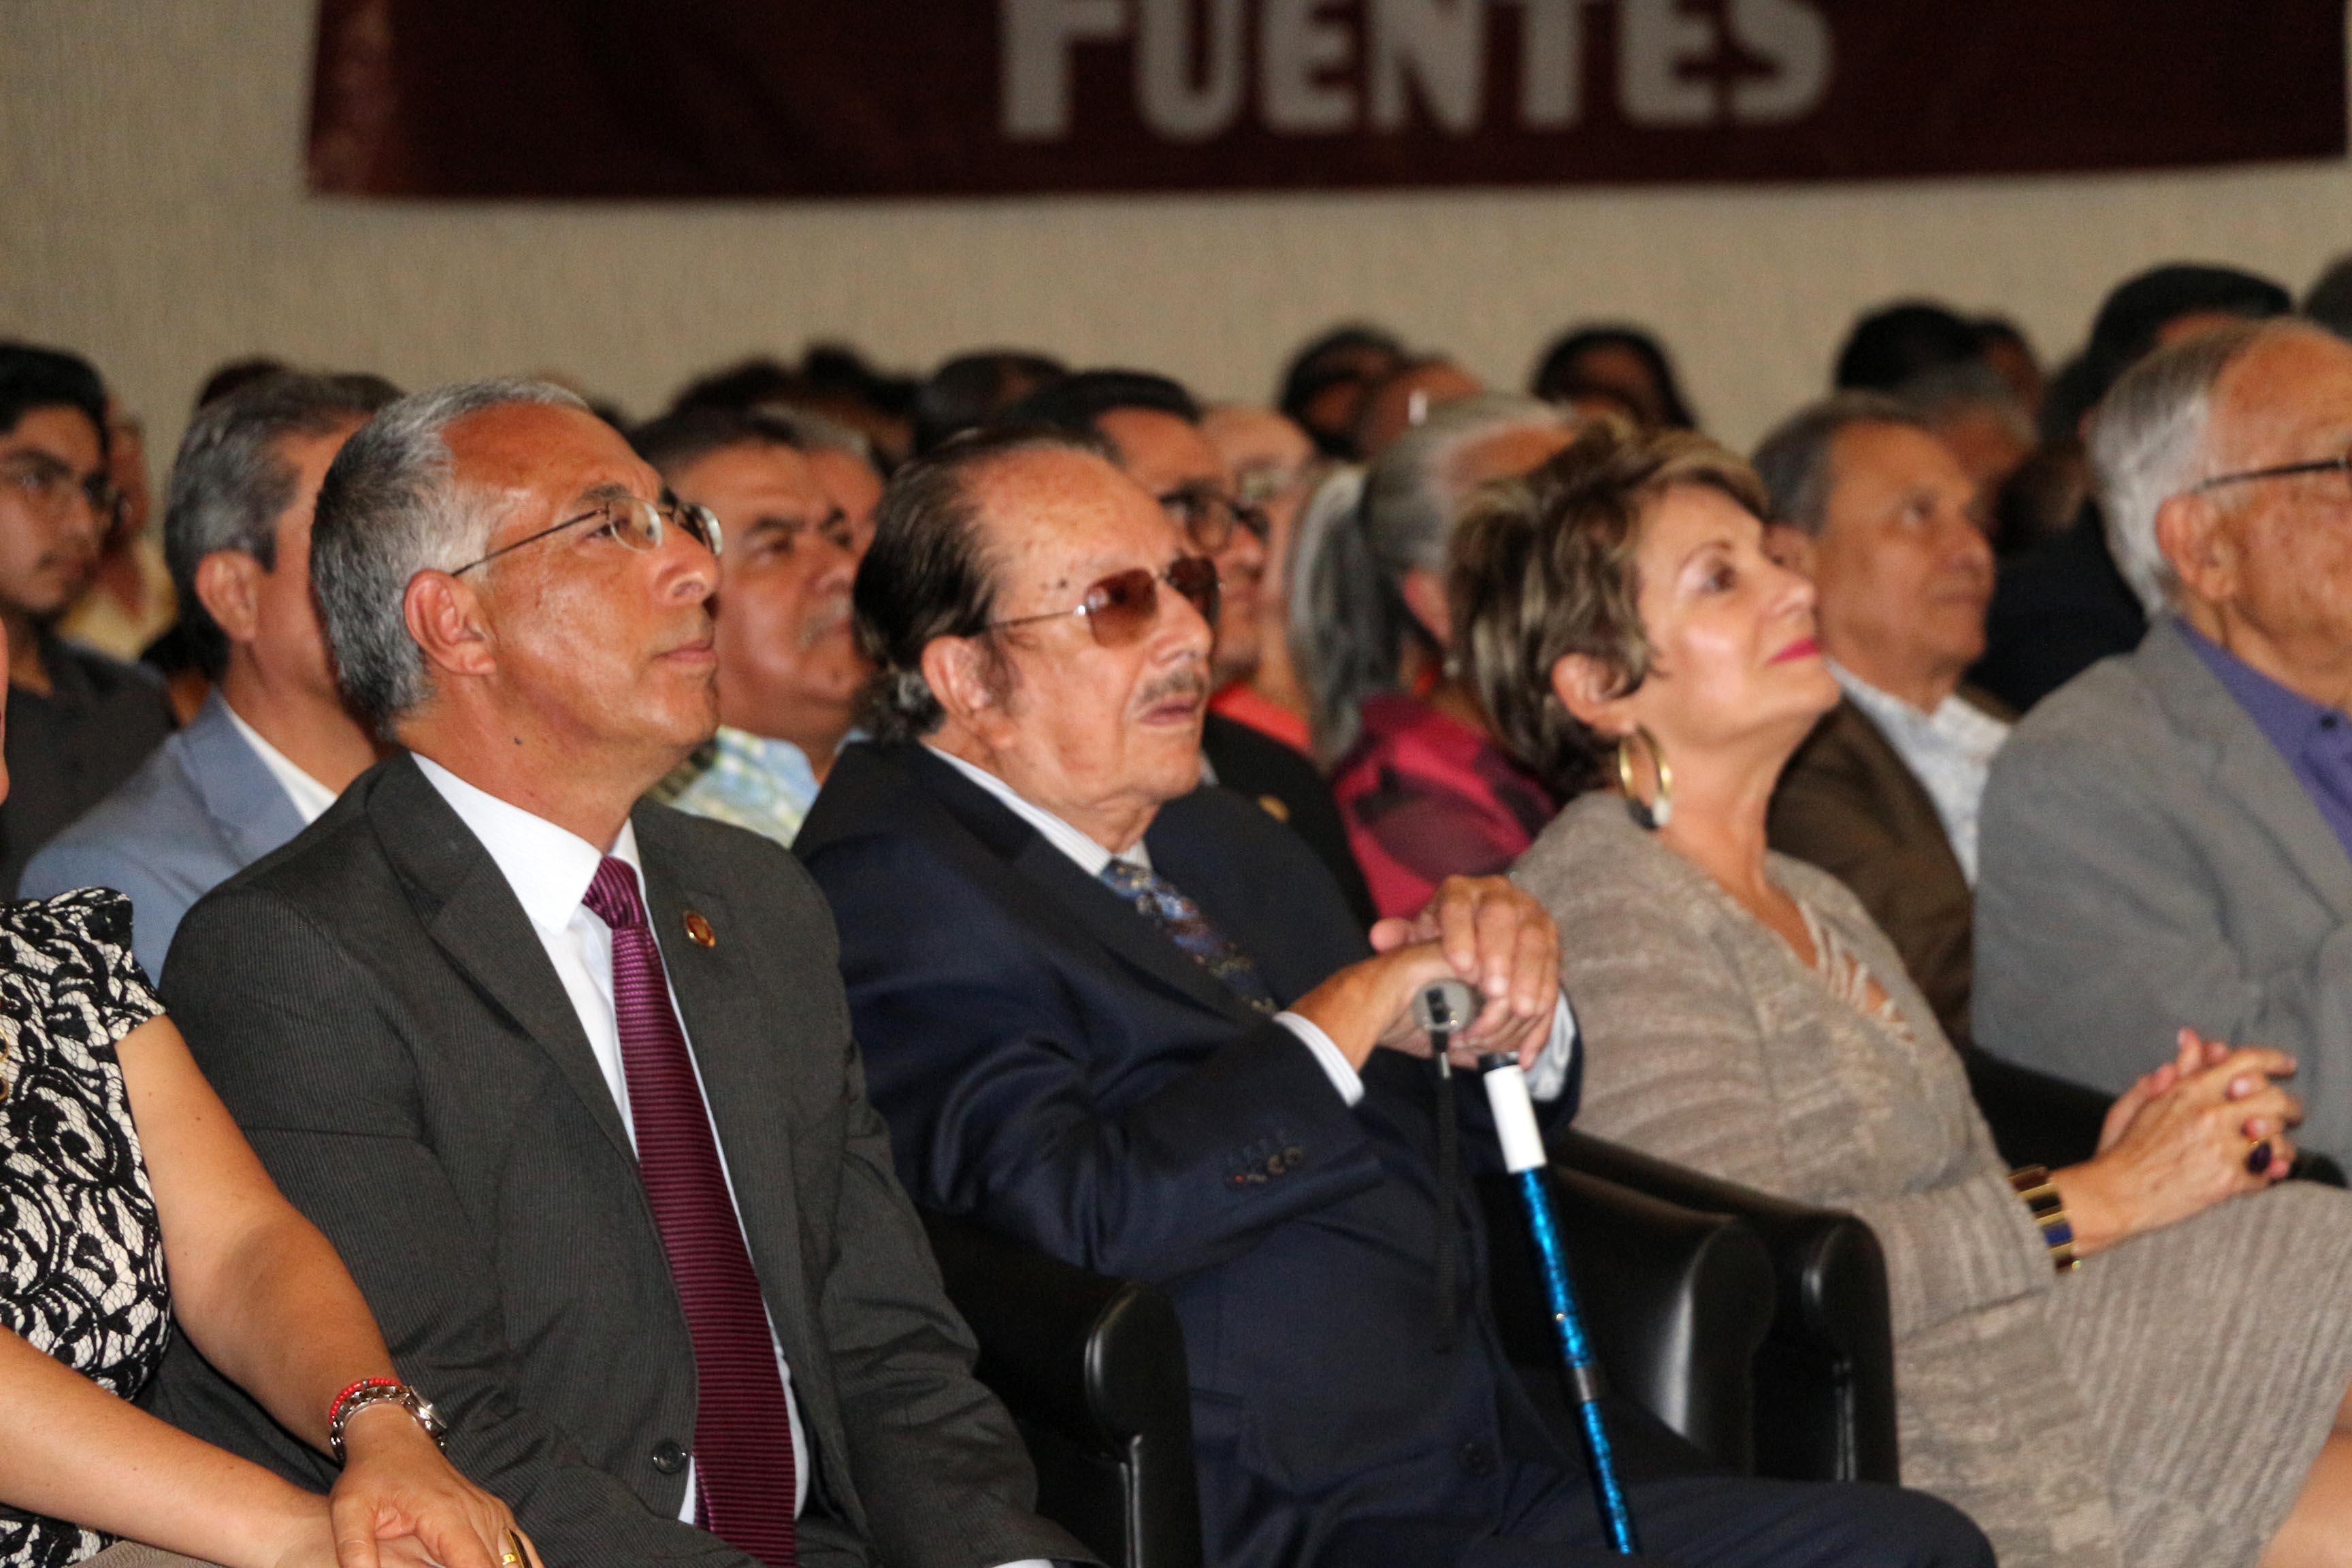 Homenajeado Don Rubén Fuentes, compositor, arreglista y músico zapotlense, con amigos y familiares en un evento.